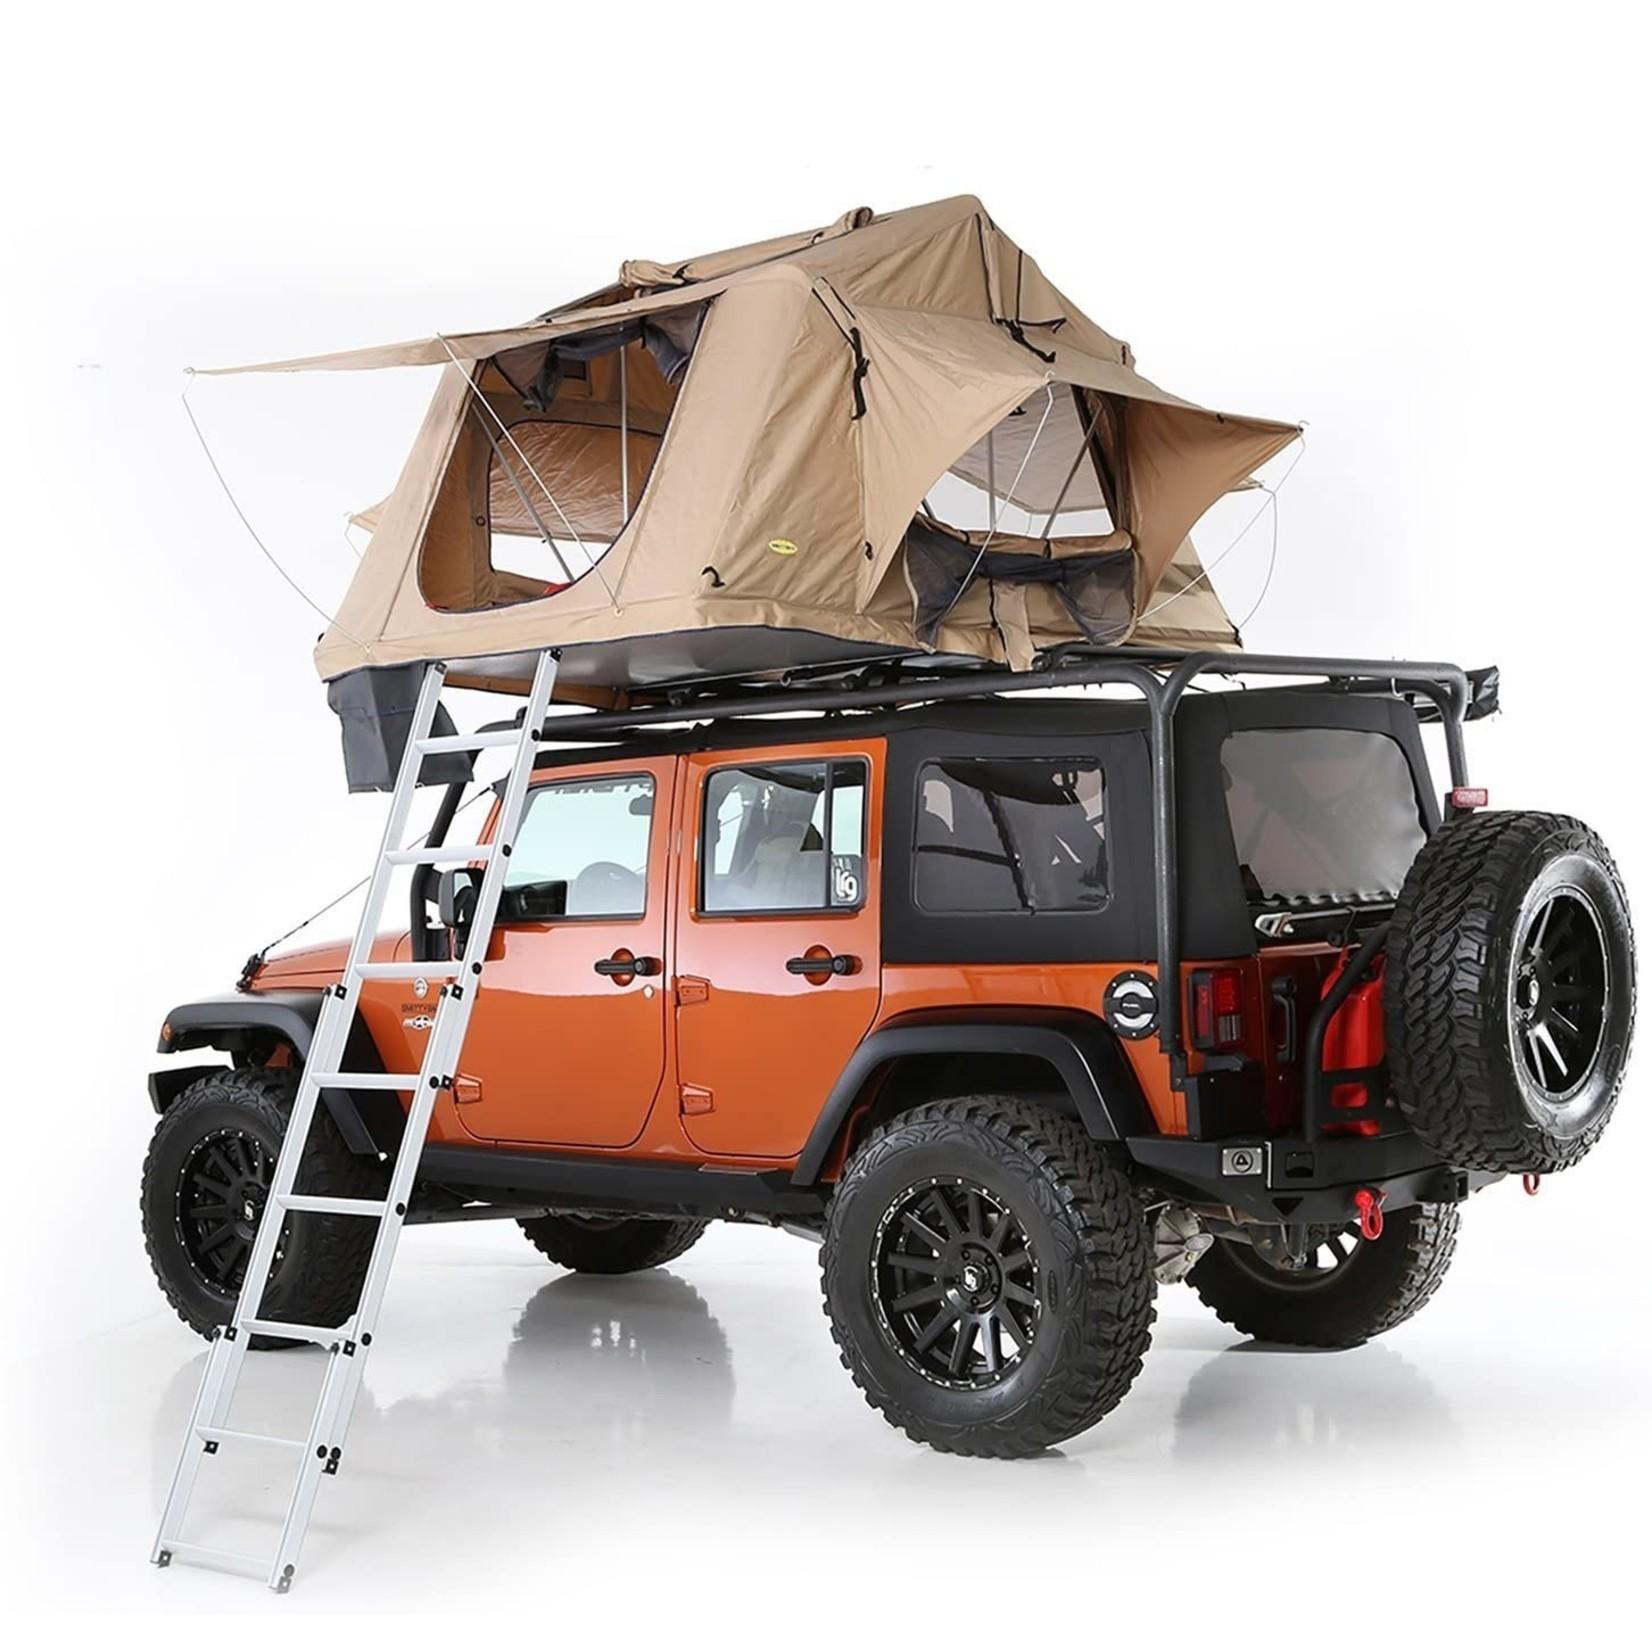 Smittybilt Overnader Roof Top Tent